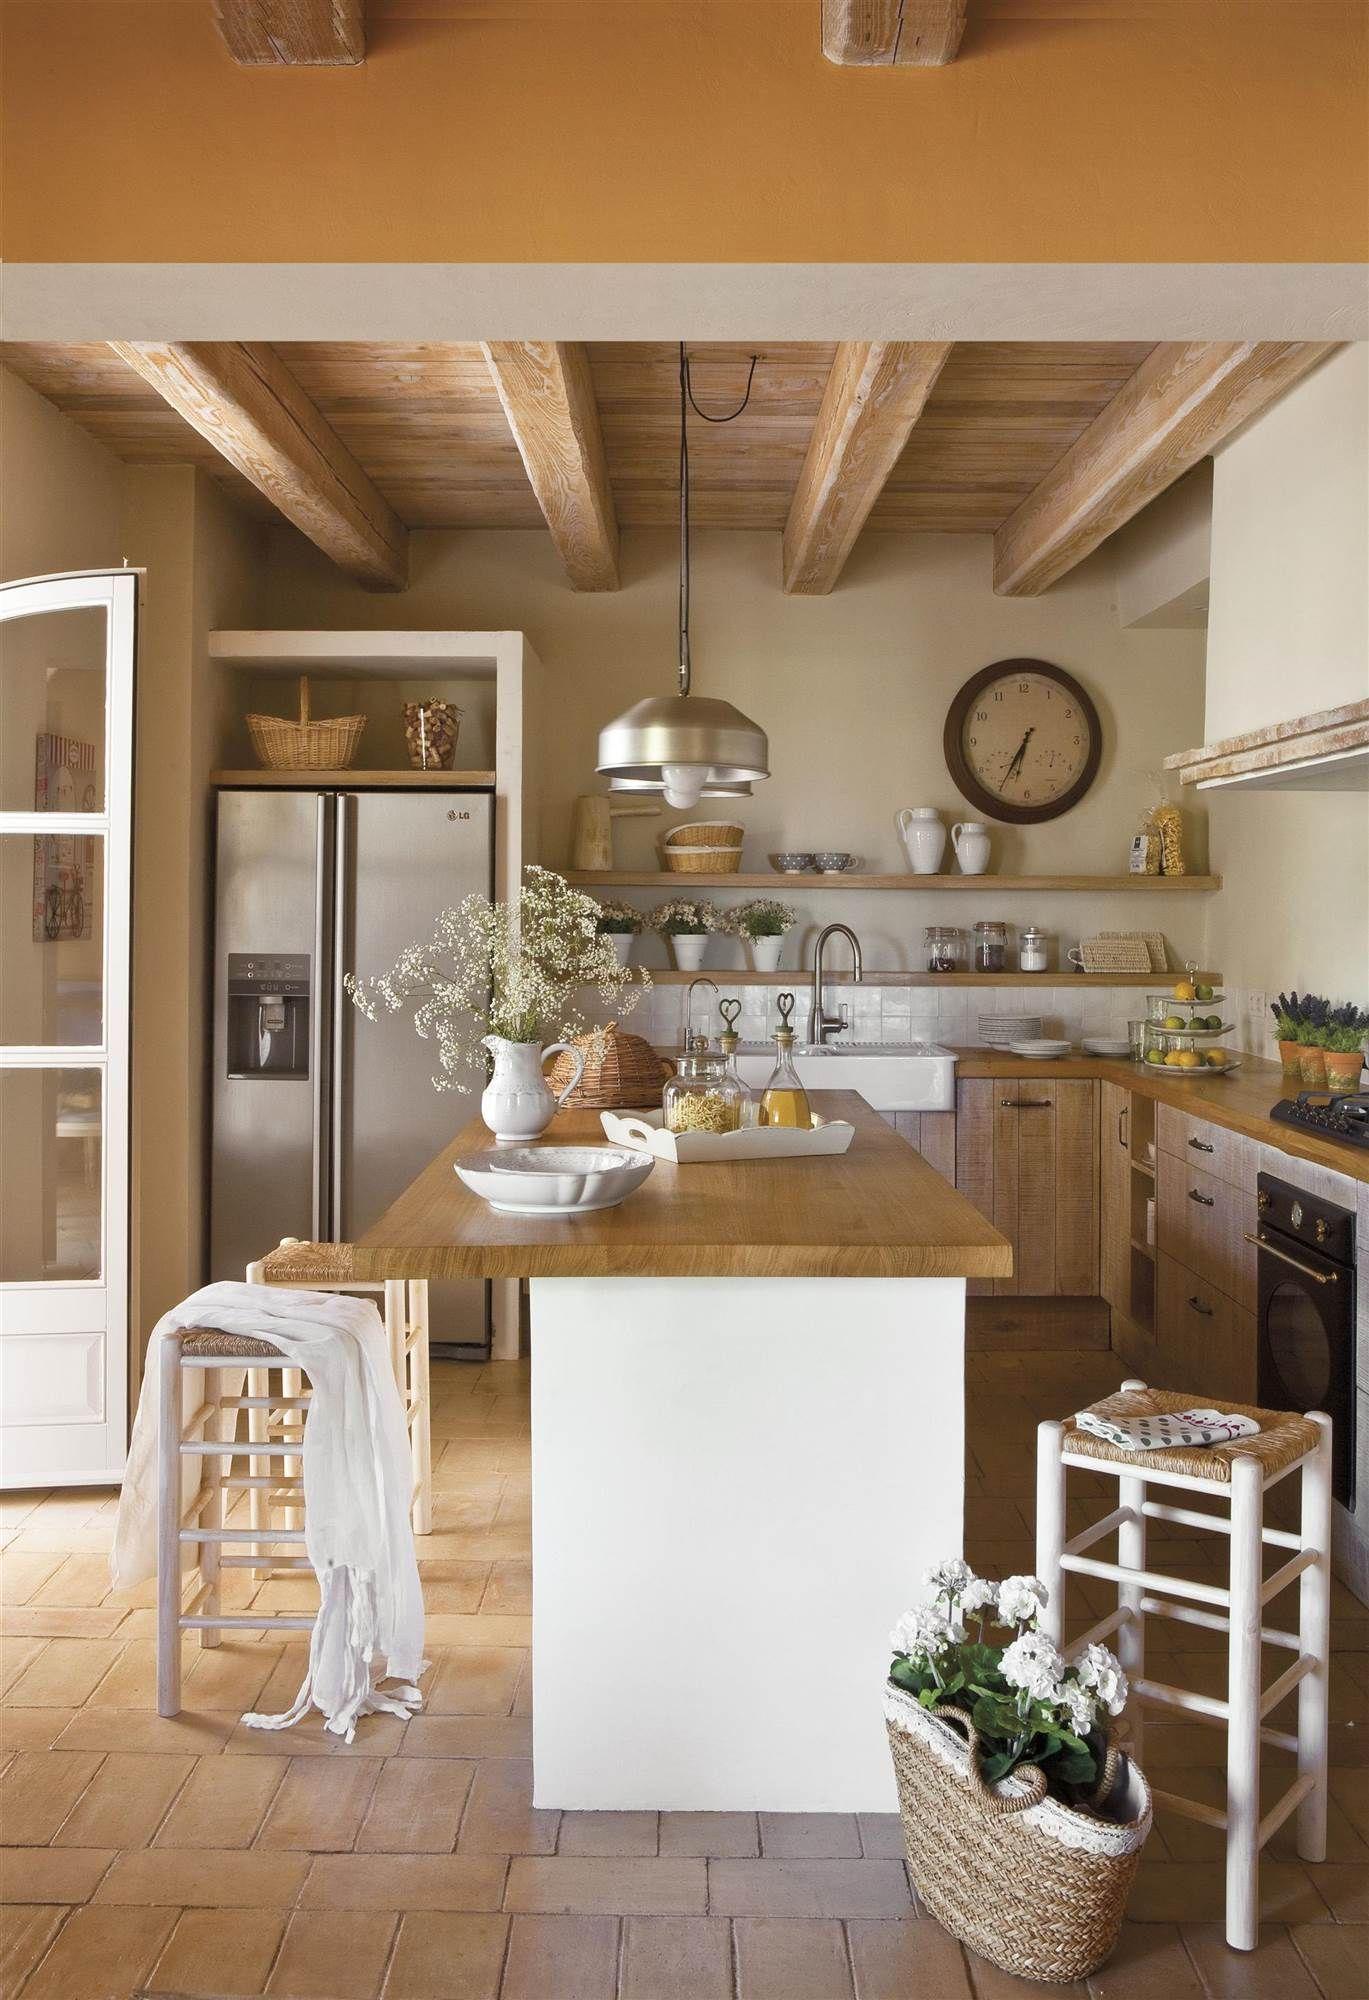 Cocina rºstica con muebles de madera de roble